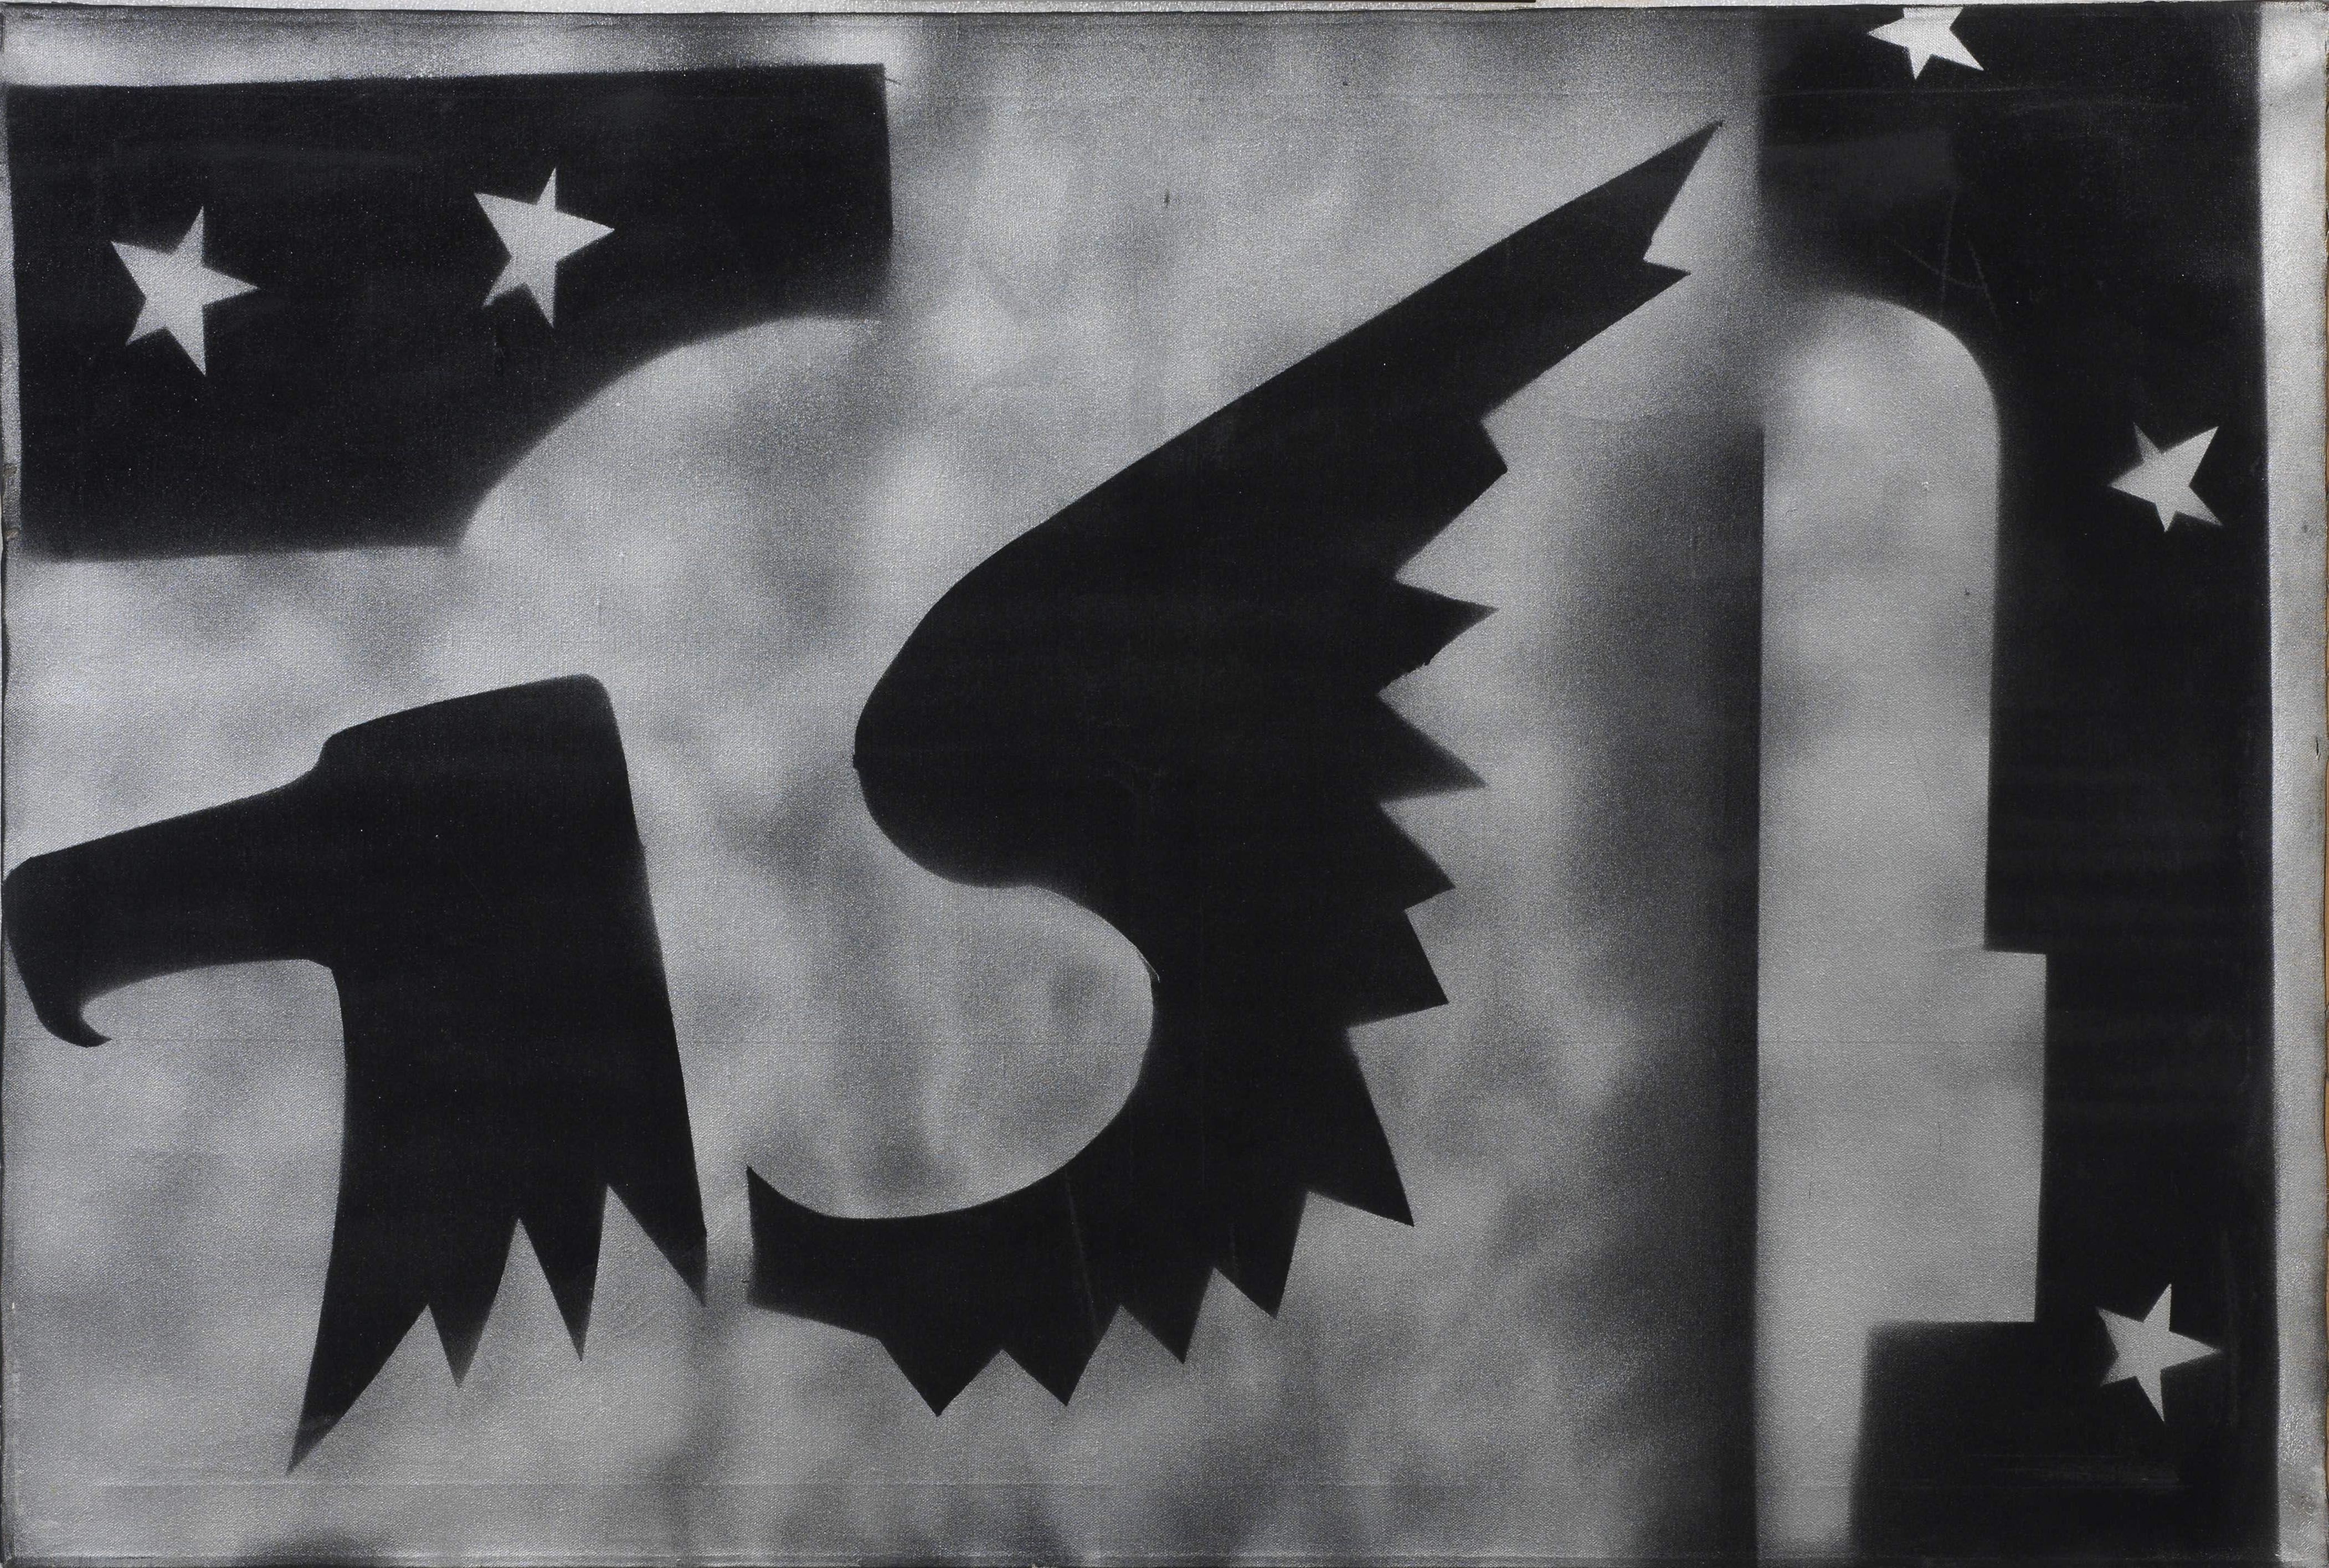 Franco Angeli, Senza titolo, 1970 Tornabuoni Art - La Dolce Vita Courtesy Tornabuoni Art